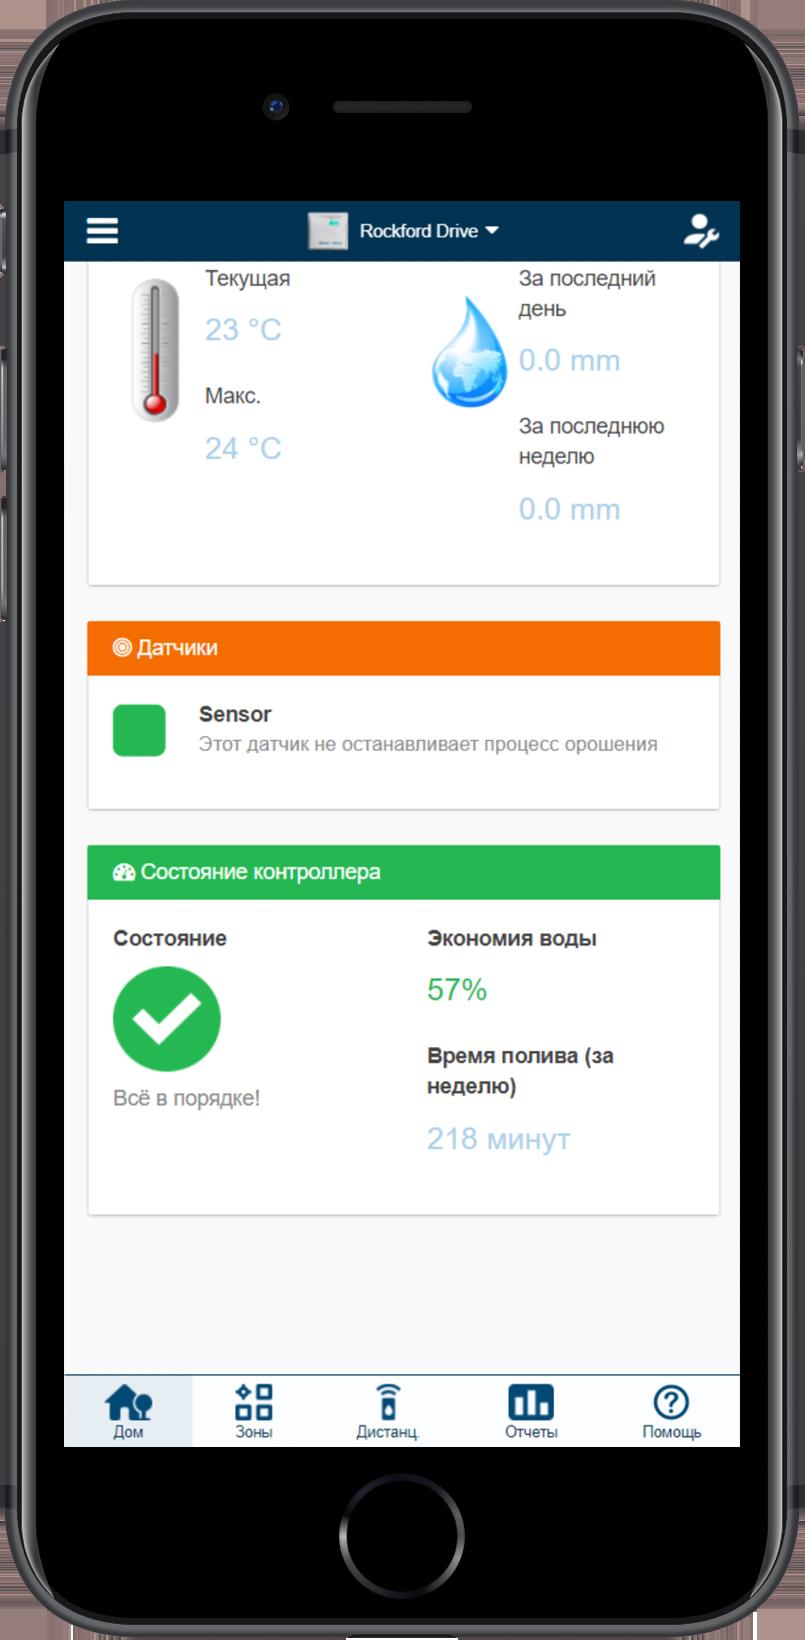 basic_app_navigation_4_en-us.png